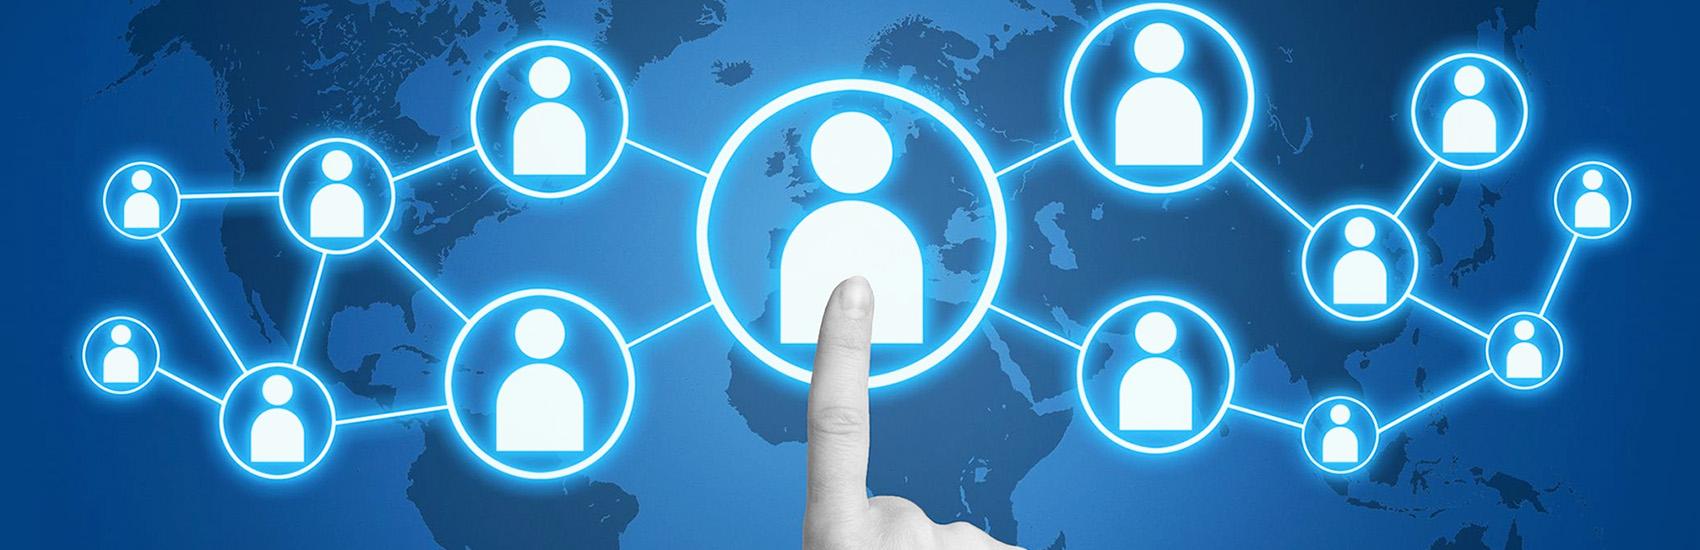 Аутсорсинг и делегирование полномочий в деятельности компаний